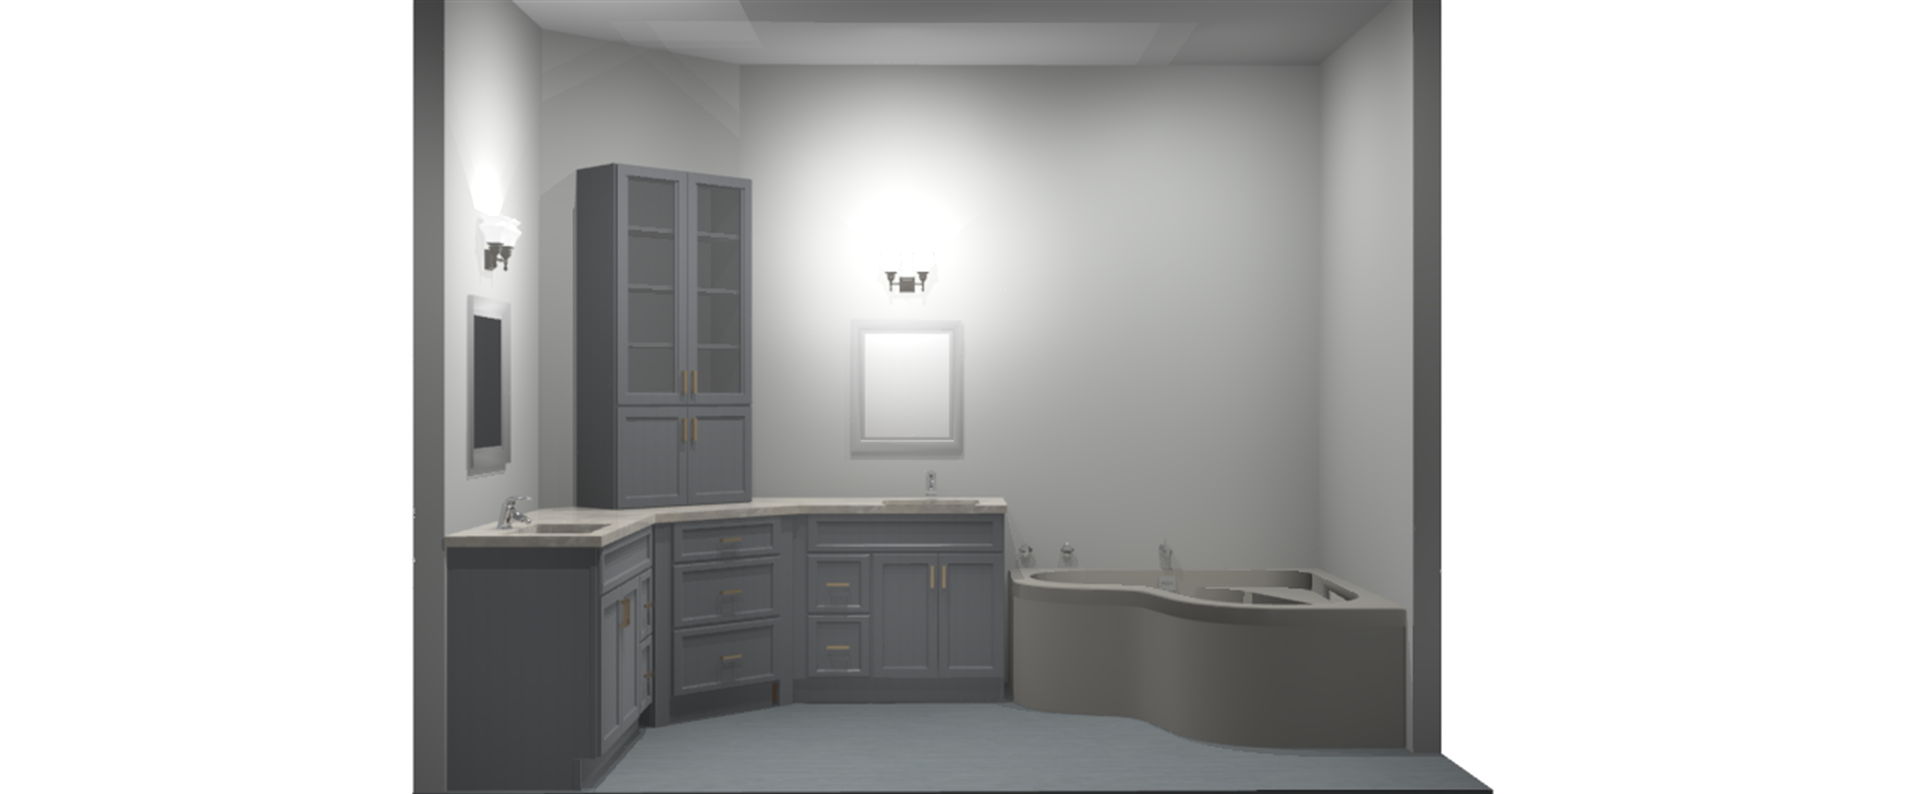 Robyn & Craig Mercury Bathroom